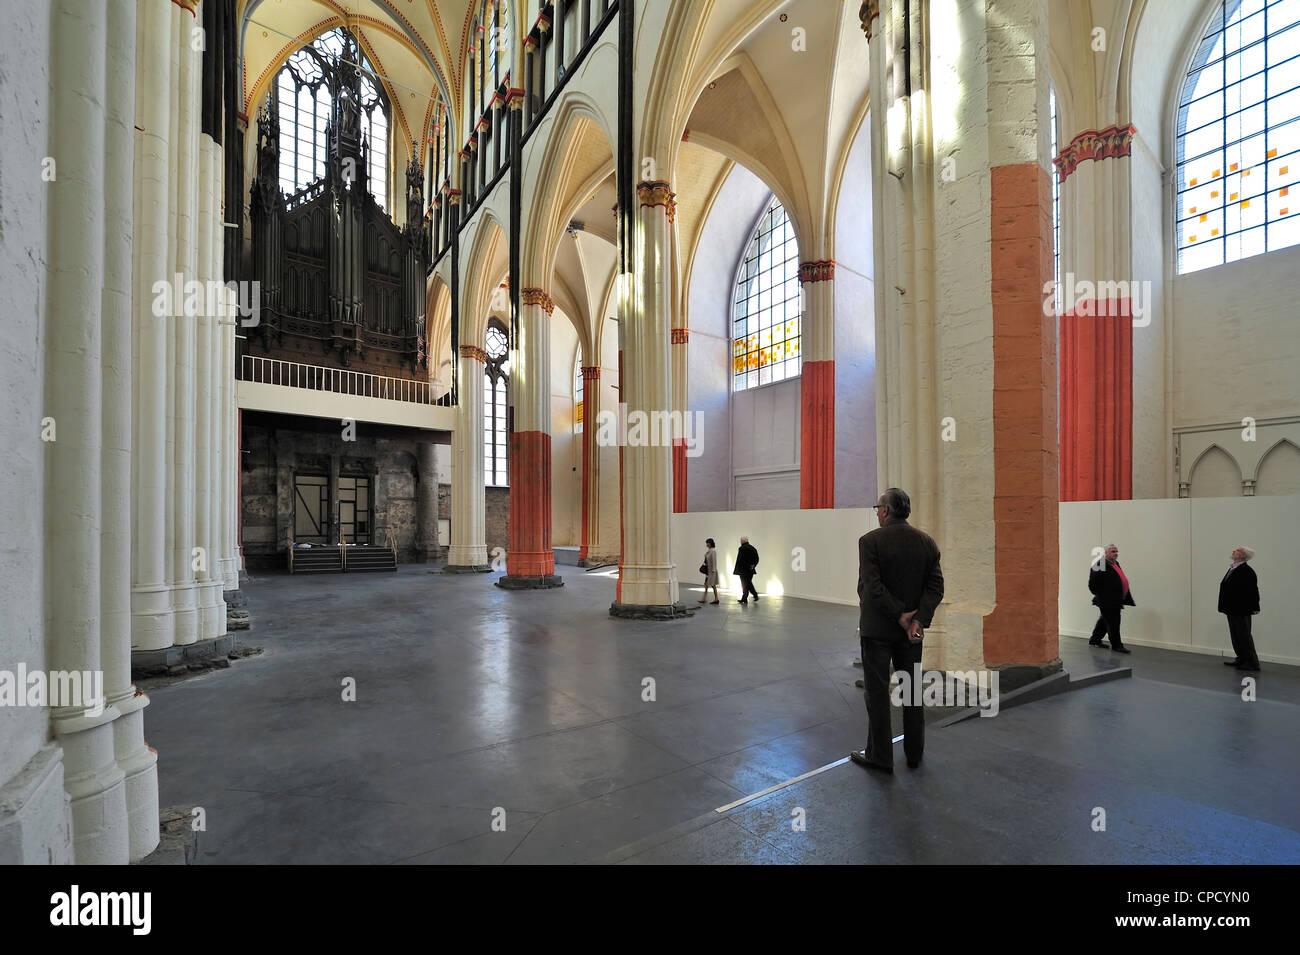 Fantastisch St. Nicholas Färbung Seite Bilder - Entry Level Resume ...